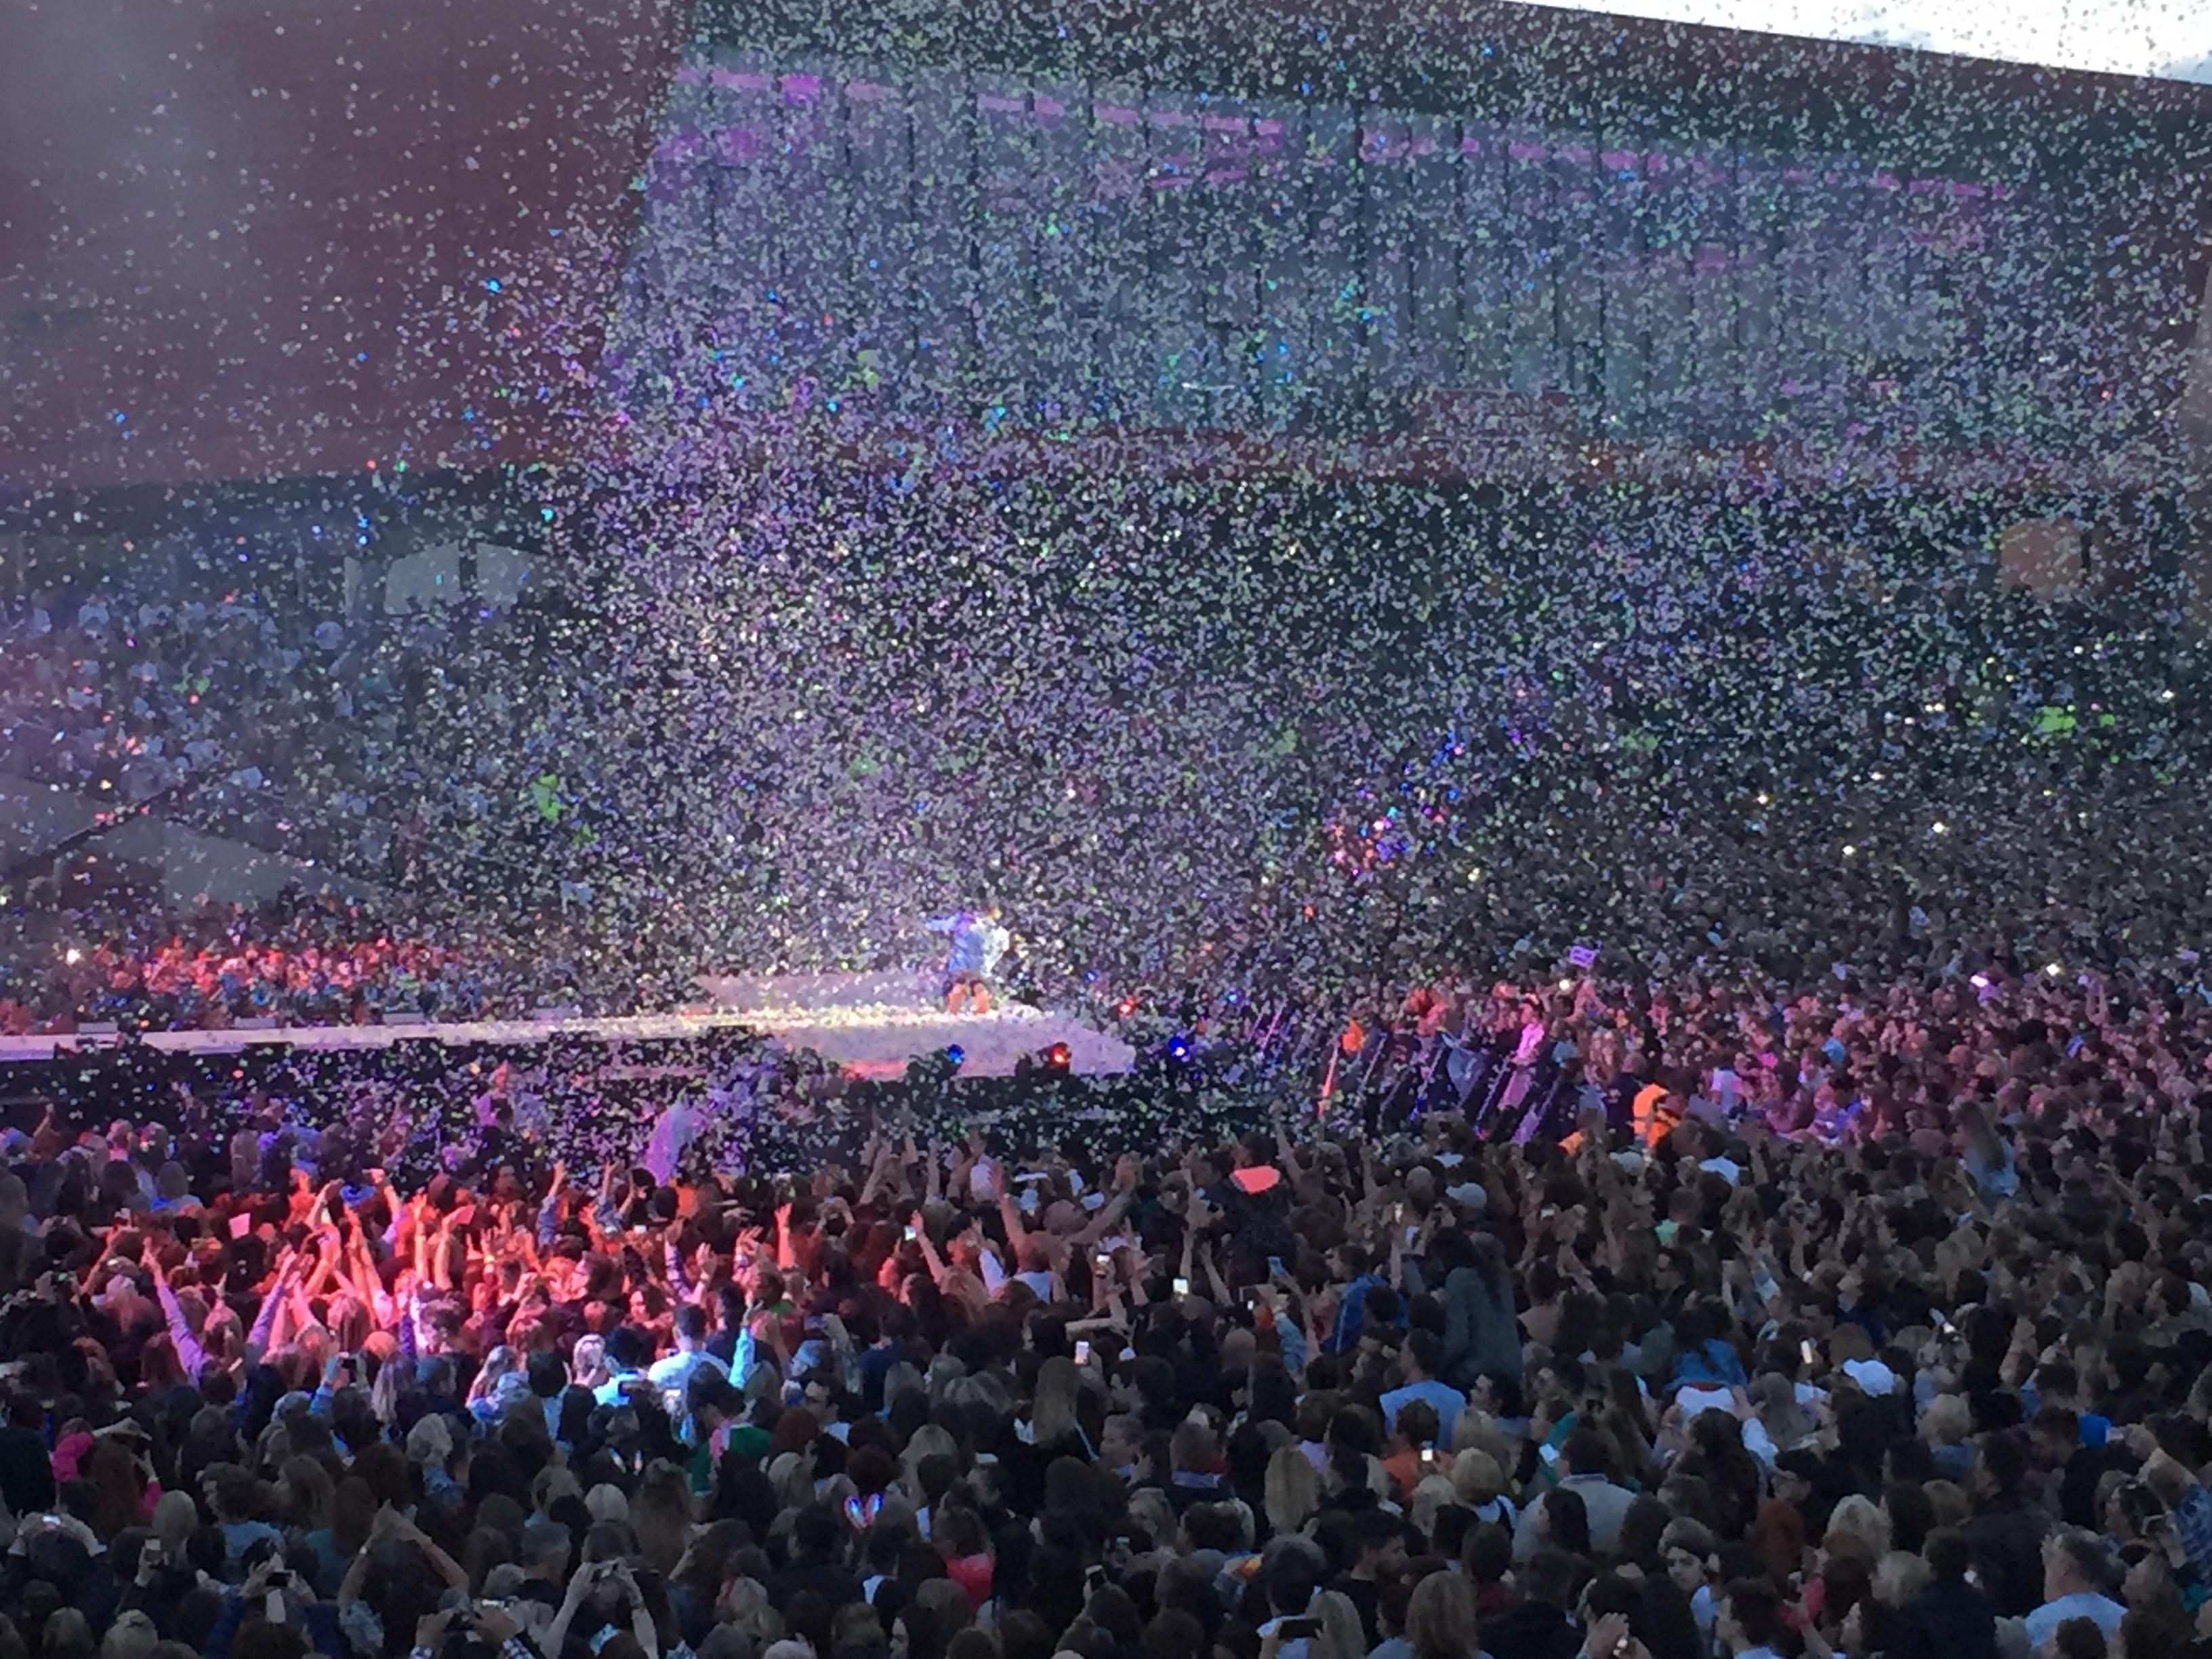 Confetti the crowd.